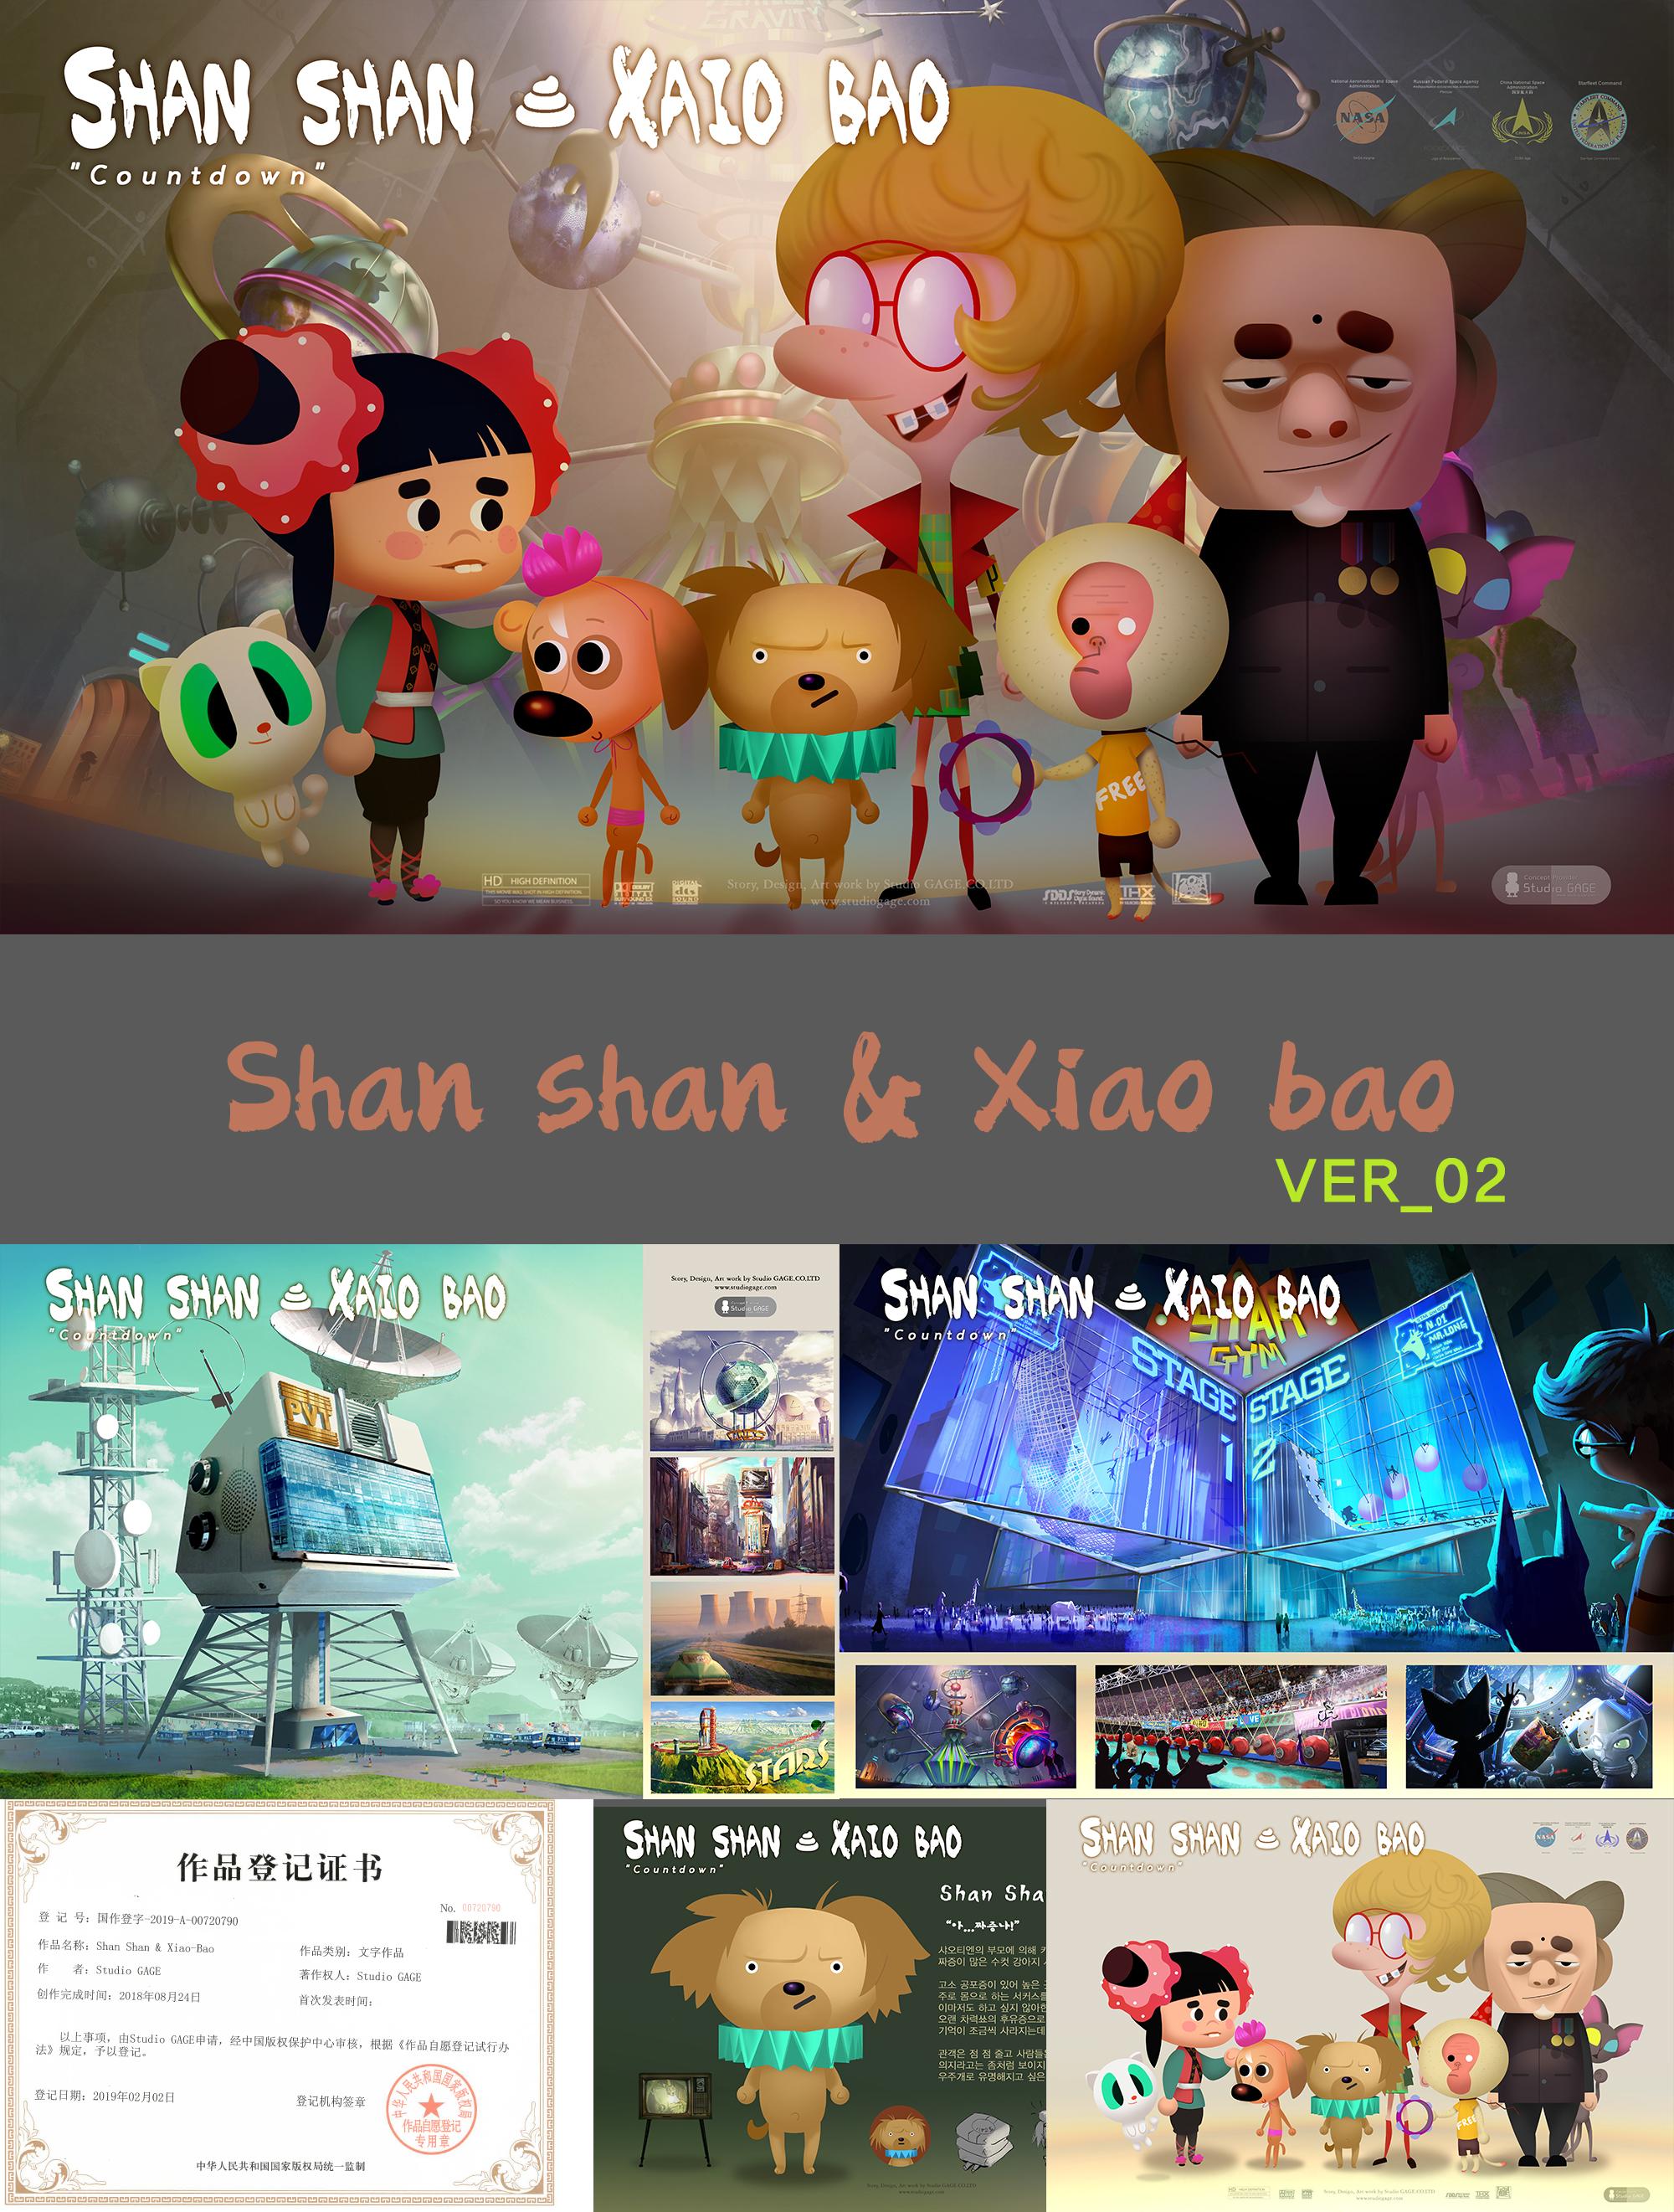 Shan shan & Xaio bao Ver_02